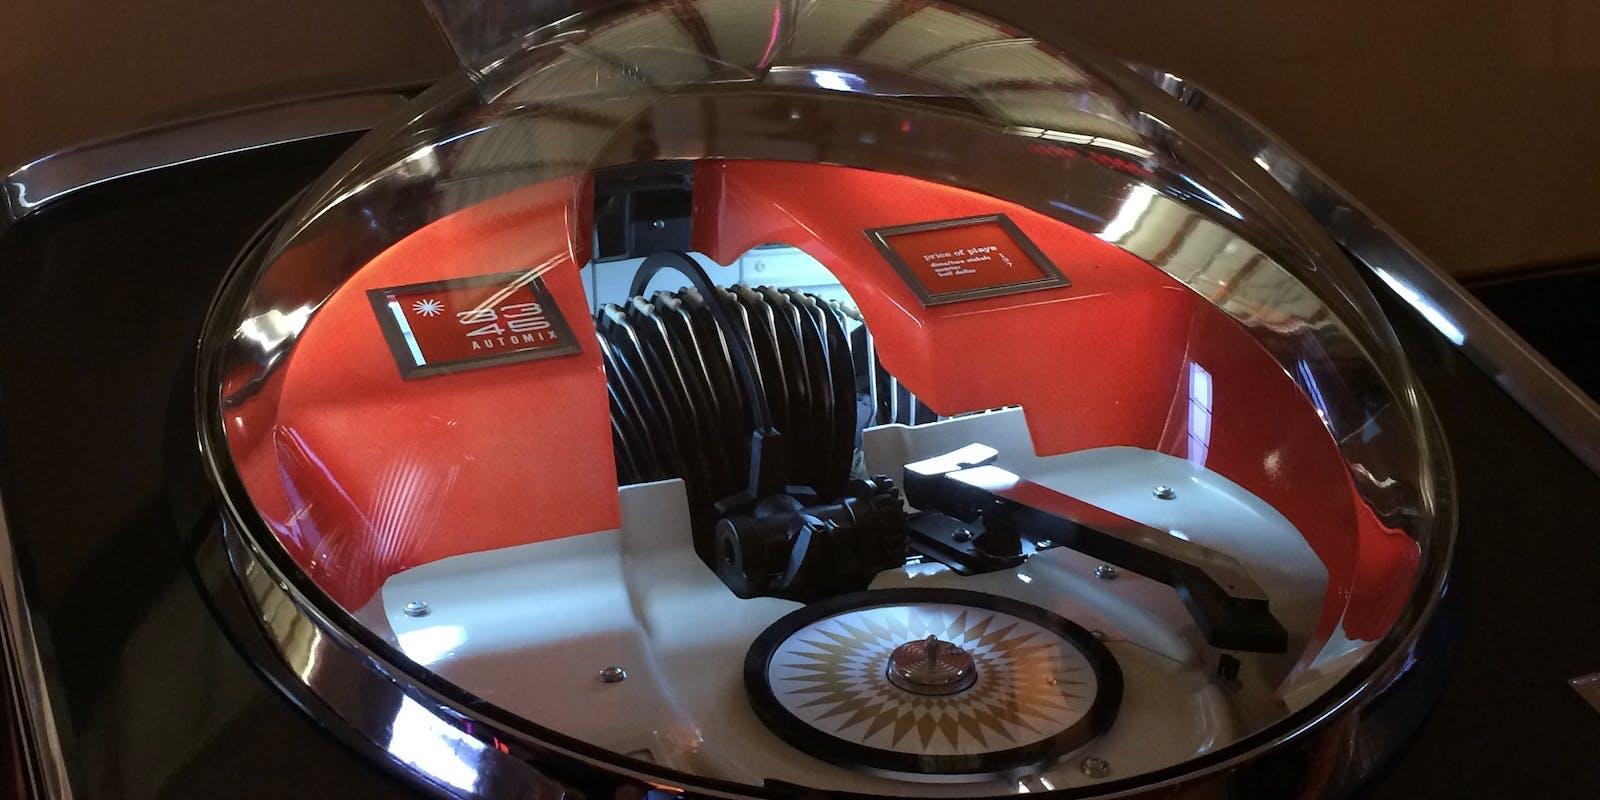 Details of a Jukebox.